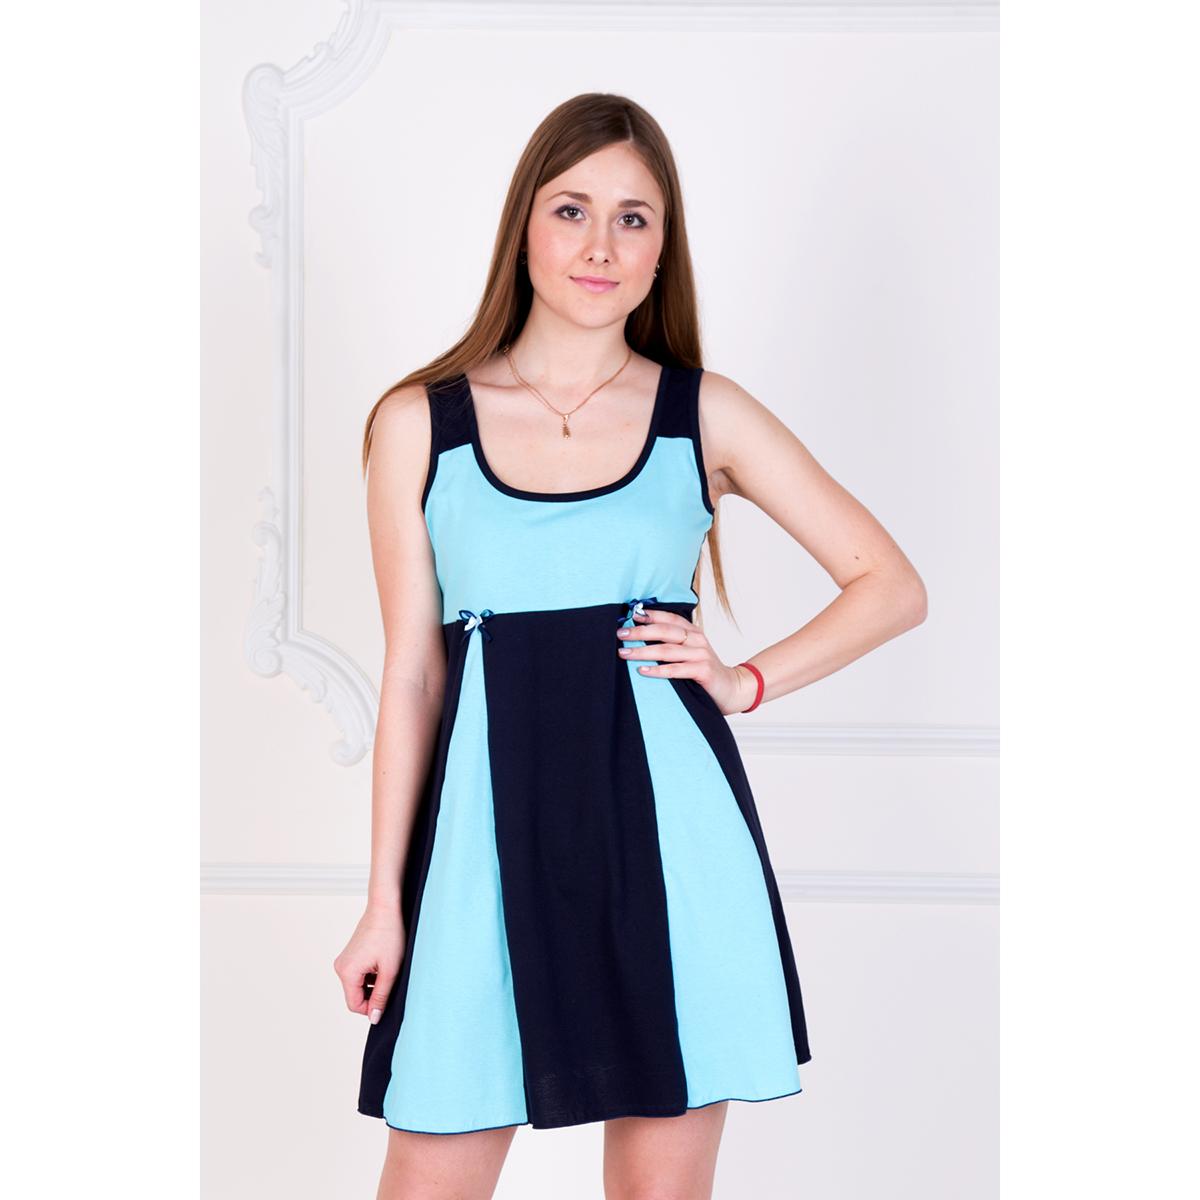 Женская сорочка Бриз Бирюзовый, размер 52Ночные сорочки<br>Обхват груди:104 см<br>Обхват талии:85 см<br>Обхват бедер:112 см<br>Рост:167 см<br><br>Тип: Жен. сорочка<br>Размер: 52<br>Материал: Кулирка